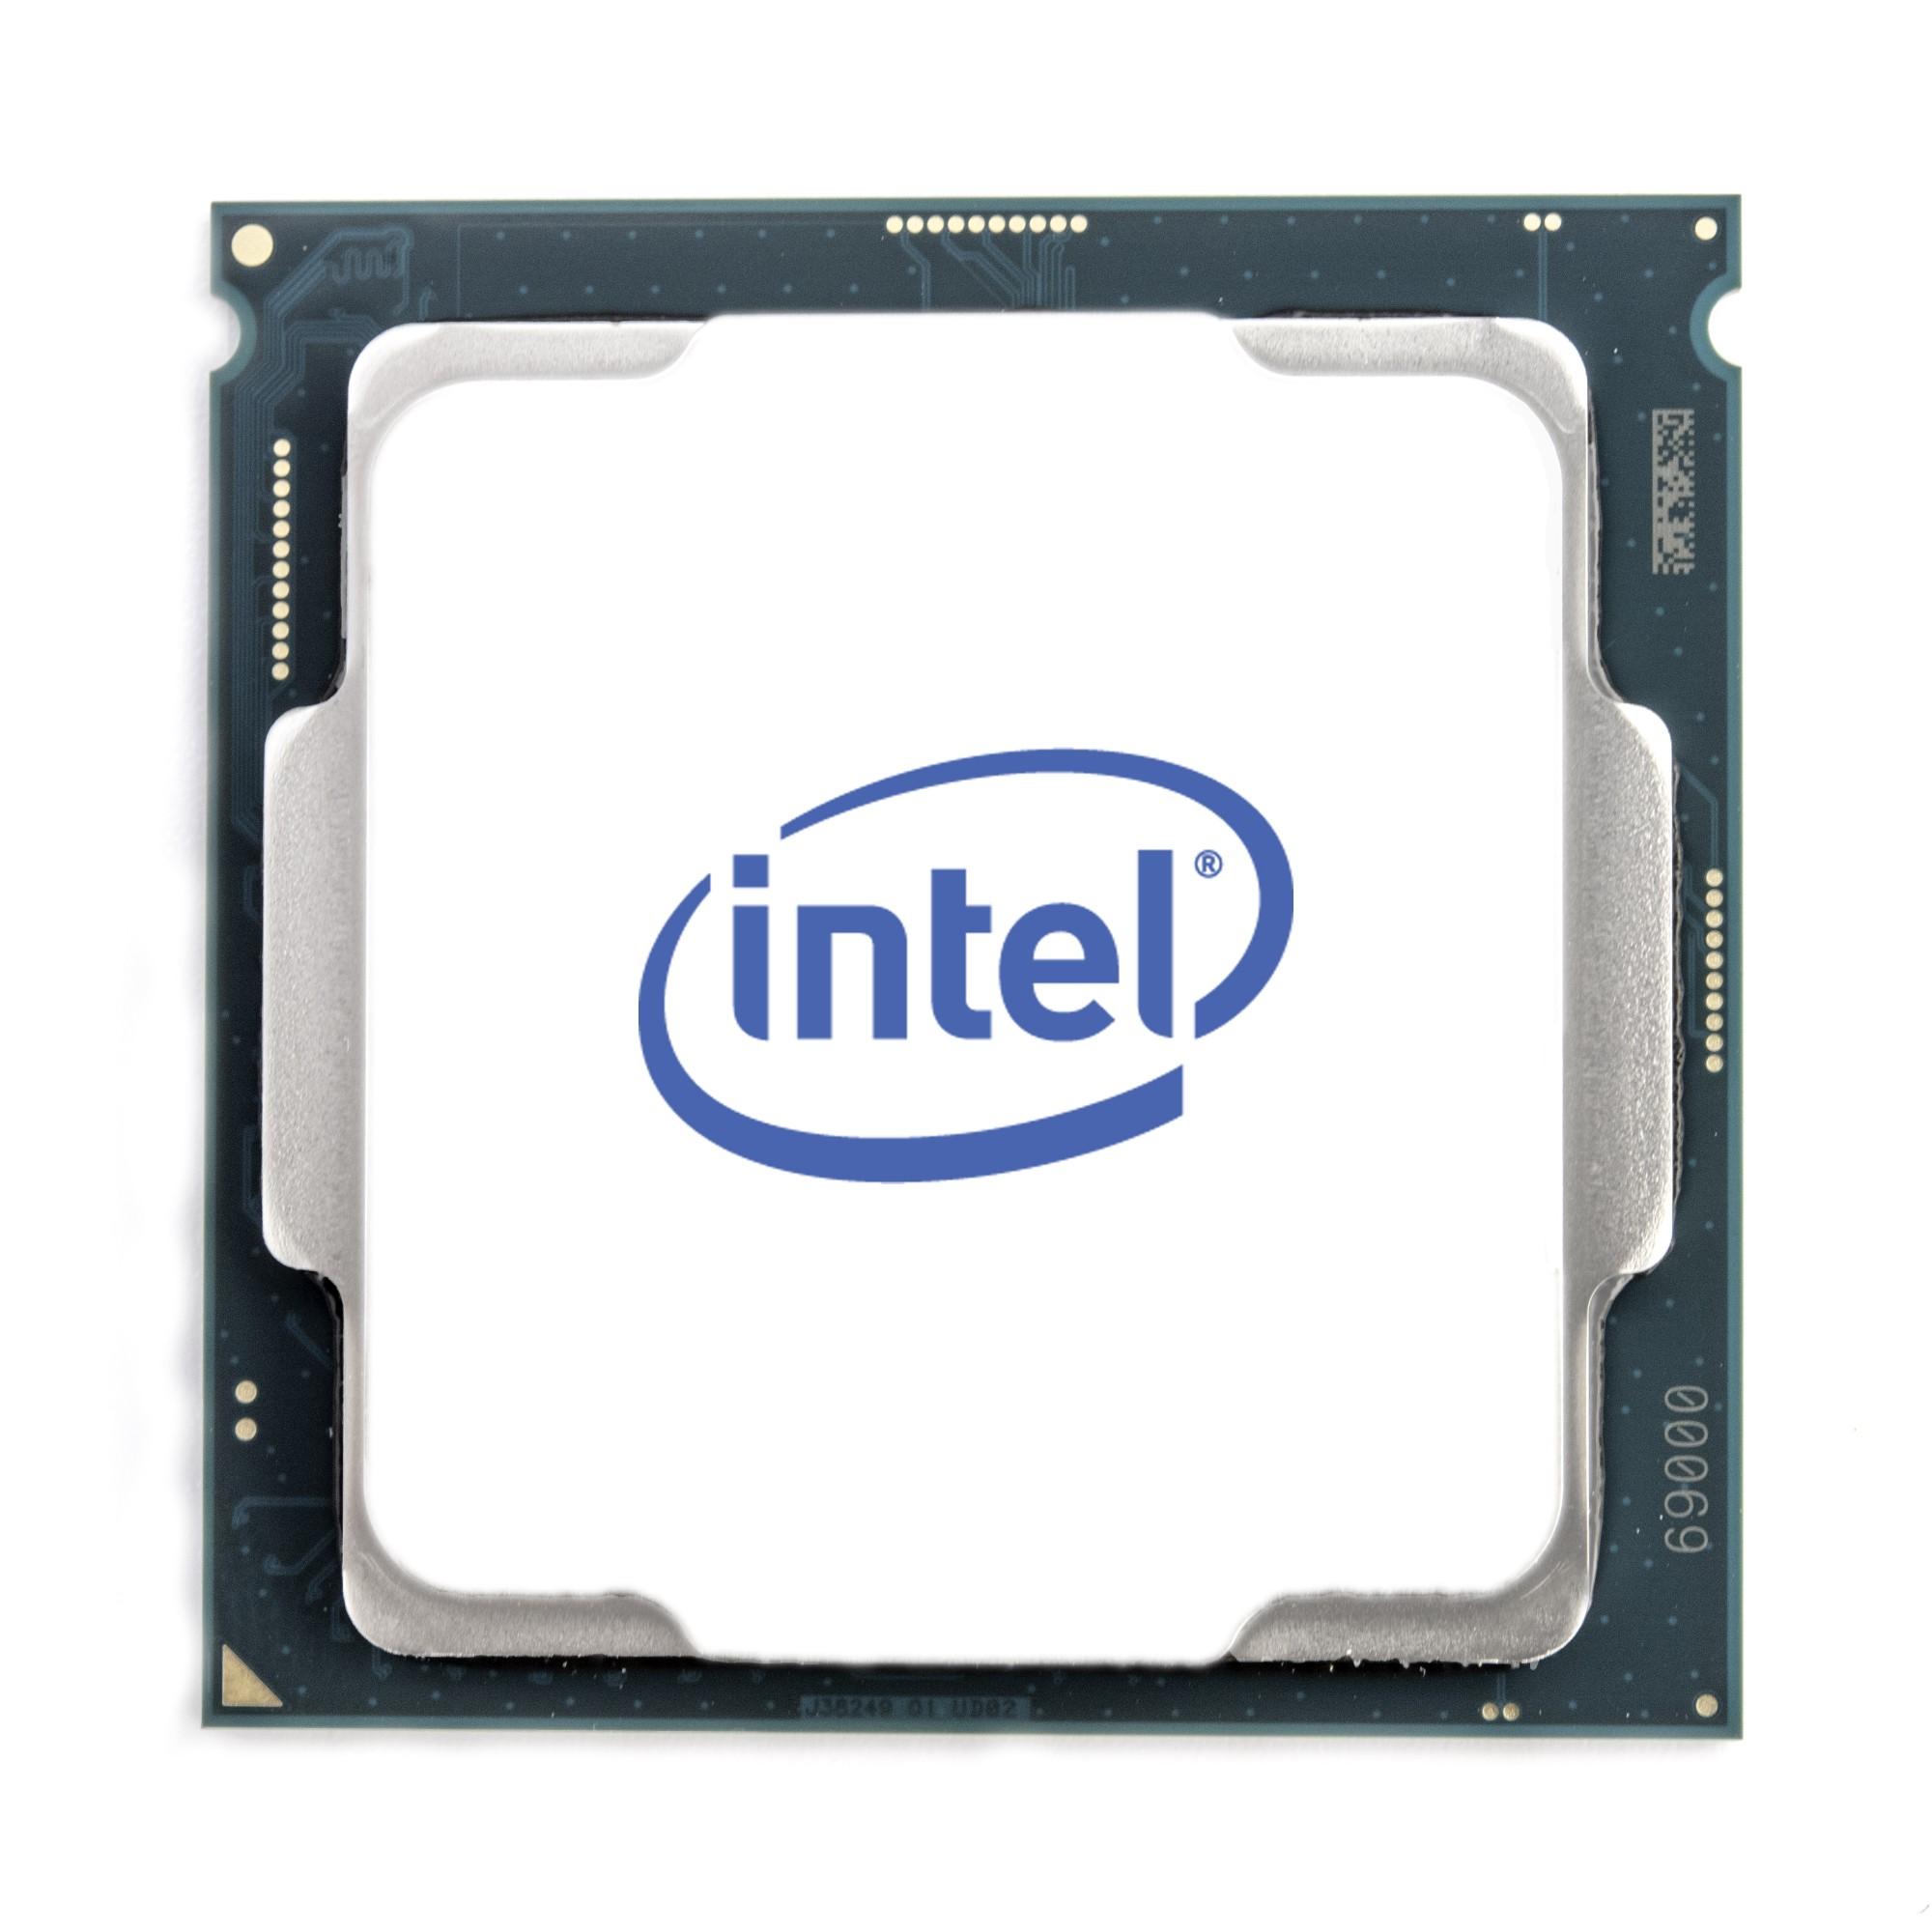 Intel Core i7-10700K processor 3.8 GHz 16 MB Smart Cache Box